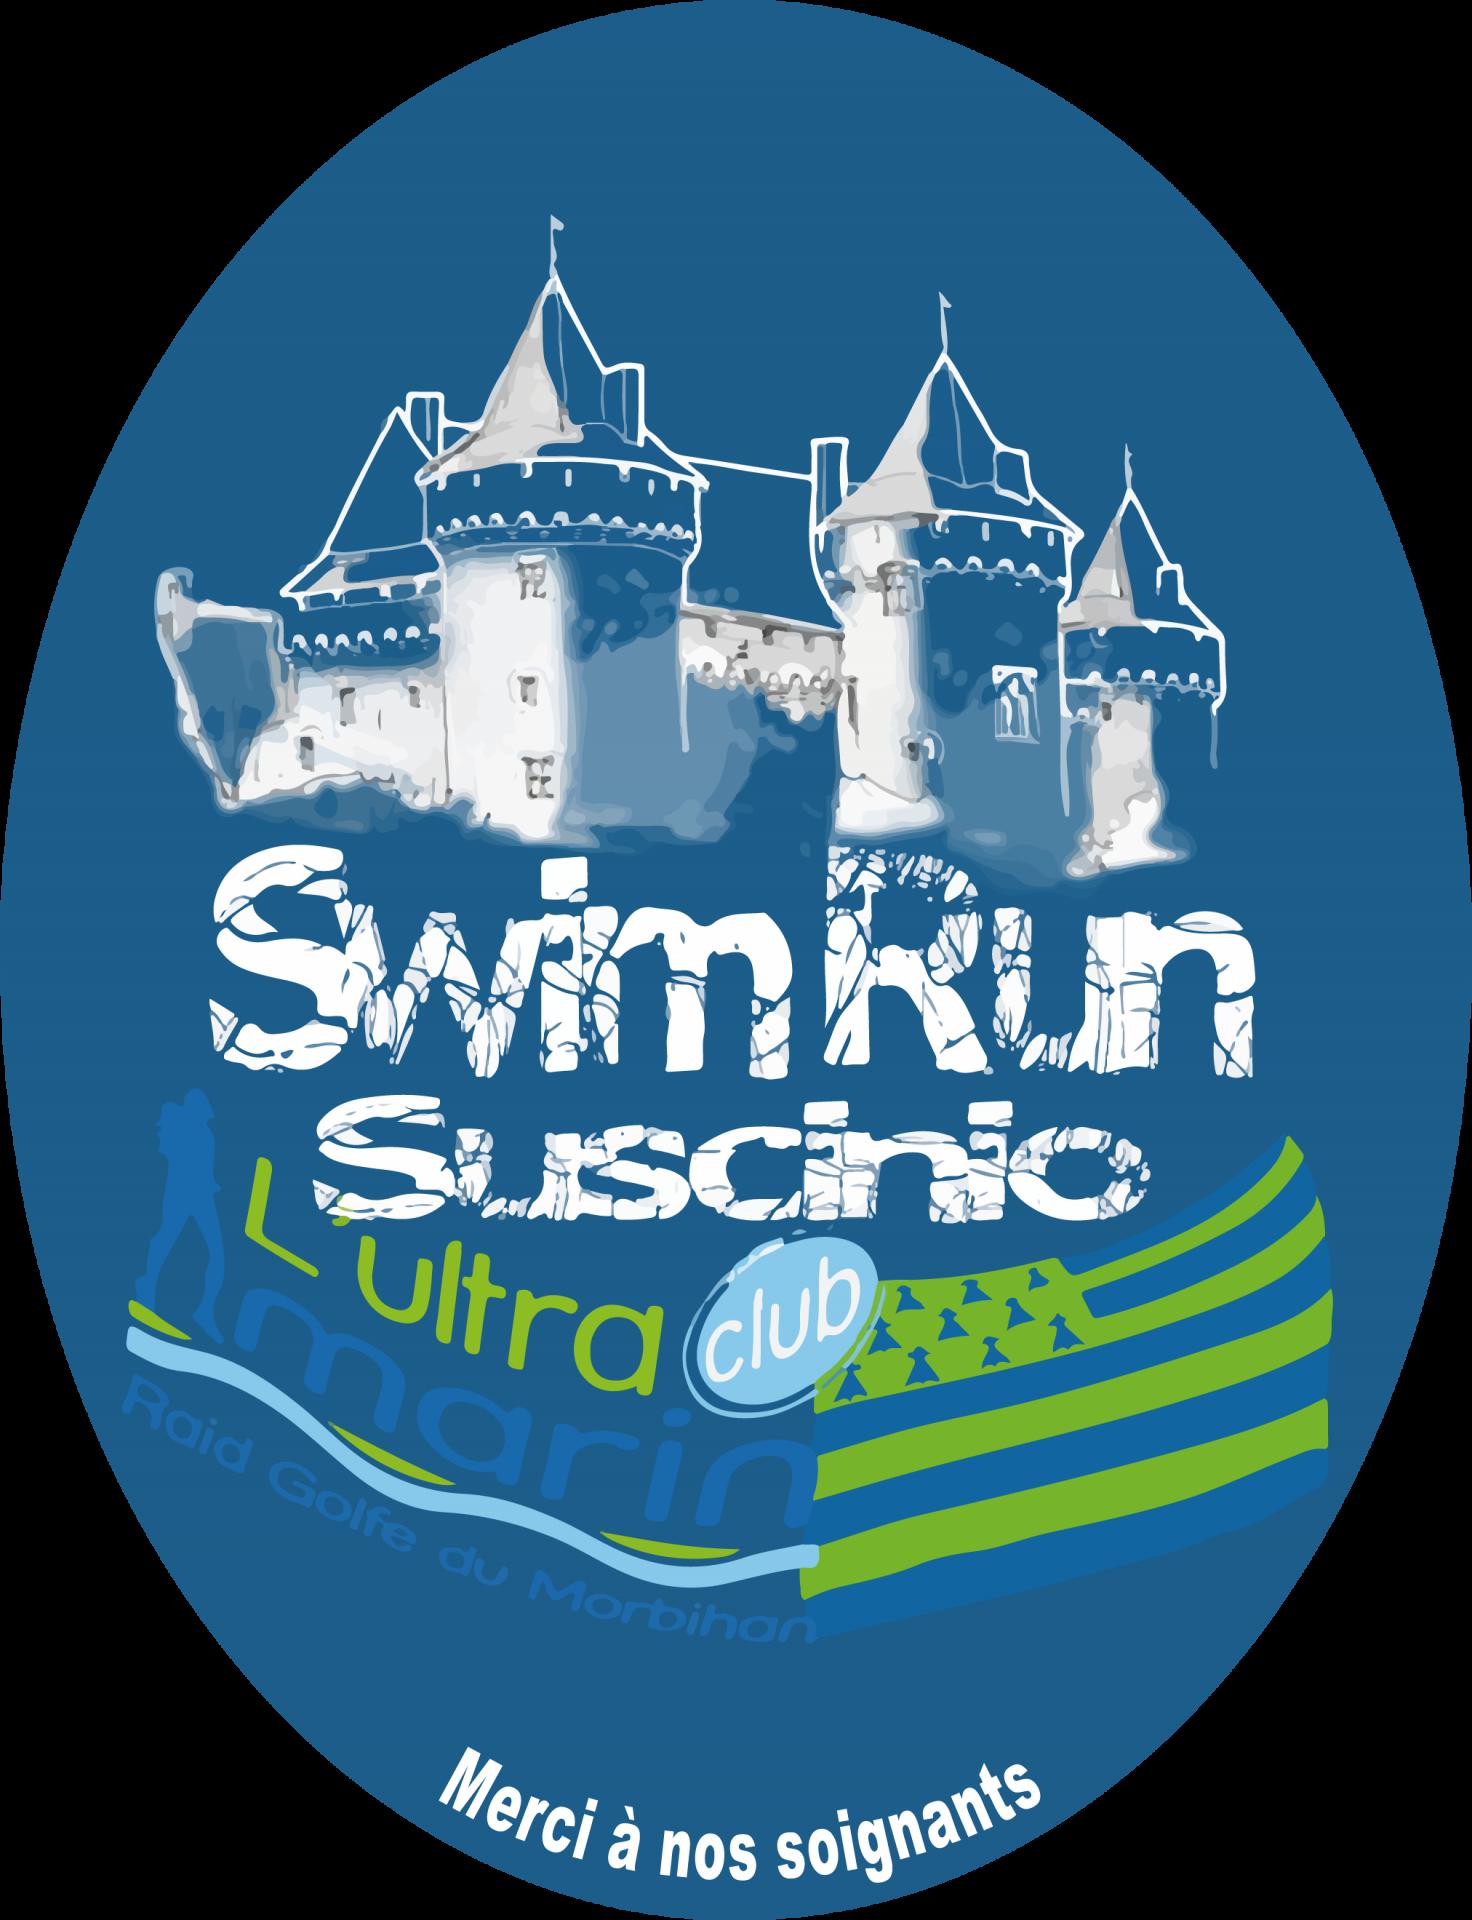 Swimrun 2 merci